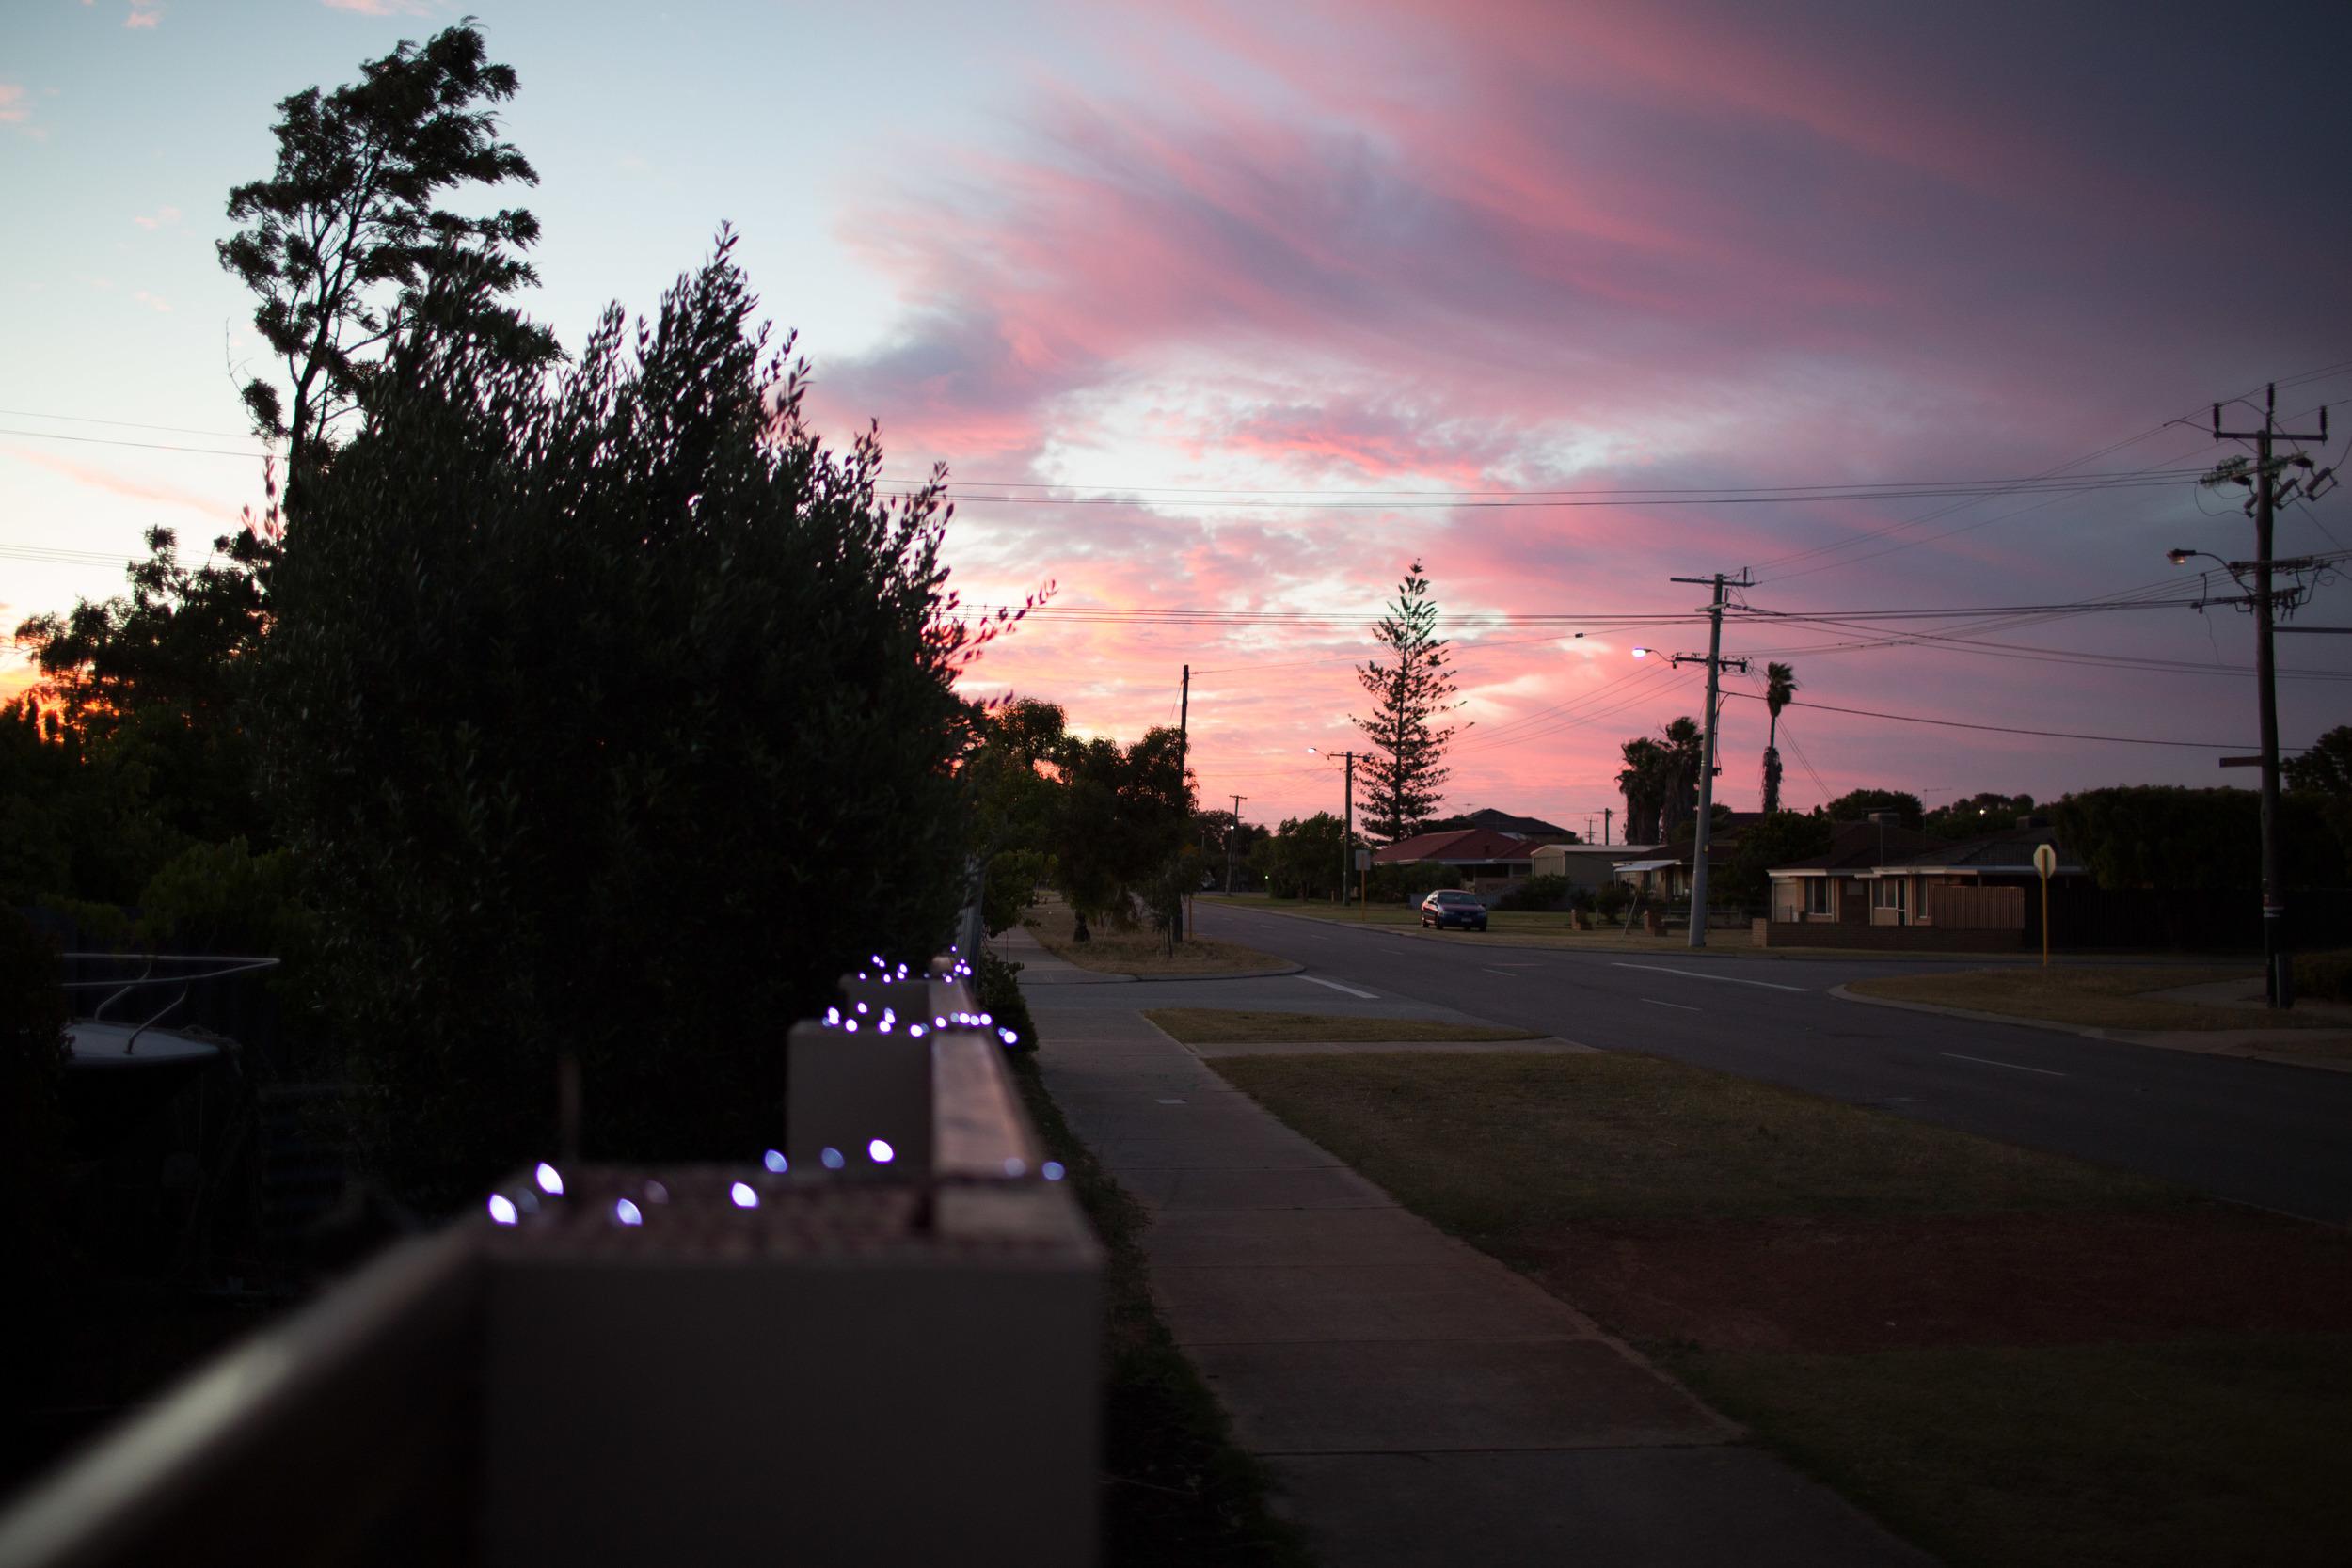 sunsetglow